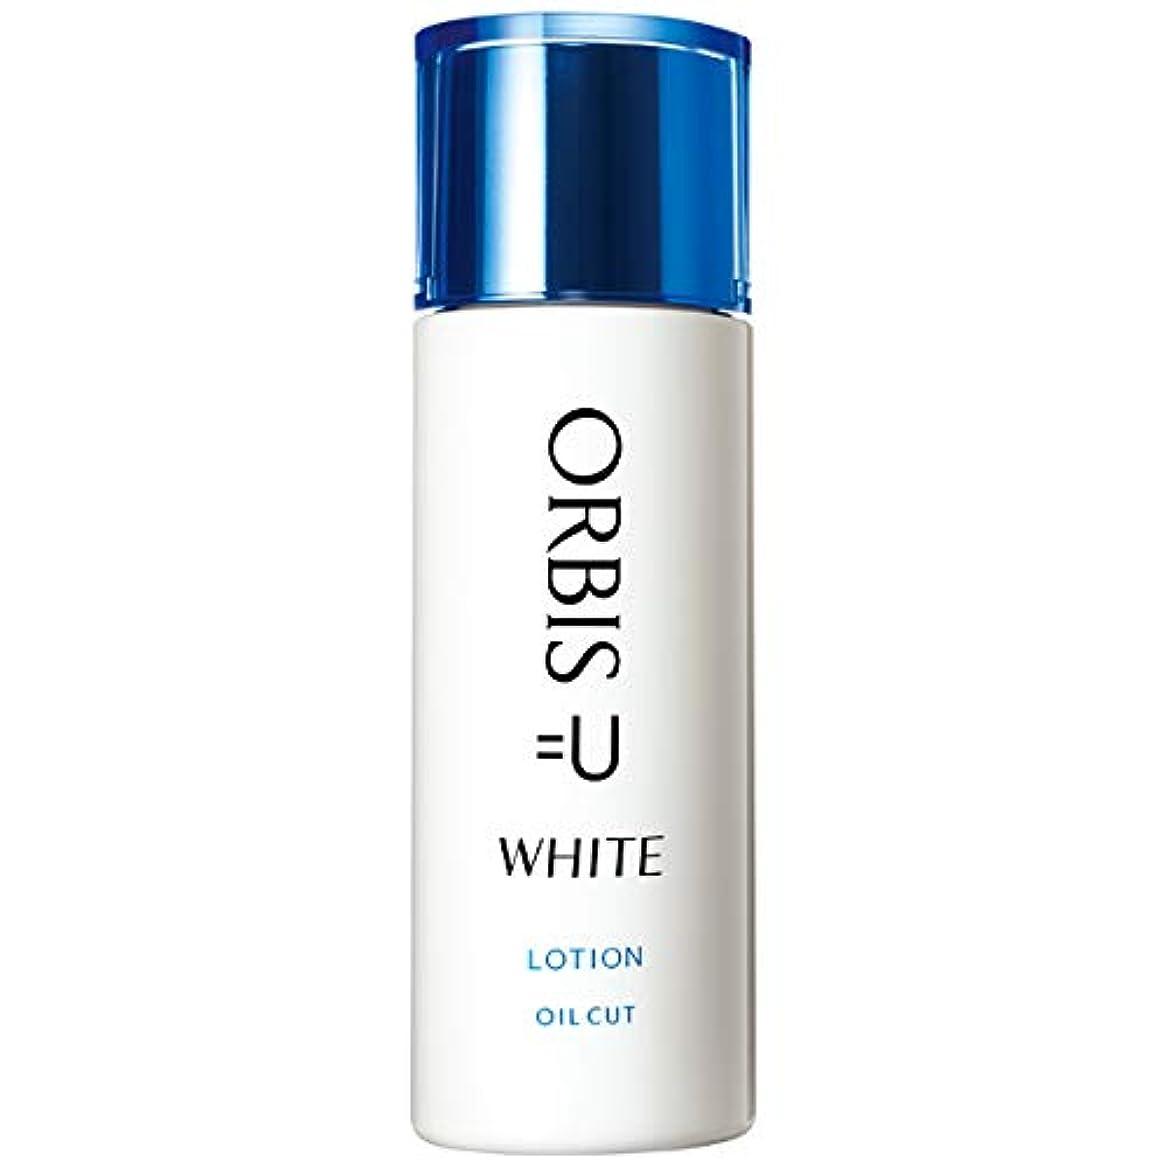 ベット急性原稿オルビス(ORBIS) オルビスユー ホワイト ローション 180mL 化粧水 [医薬部外品]